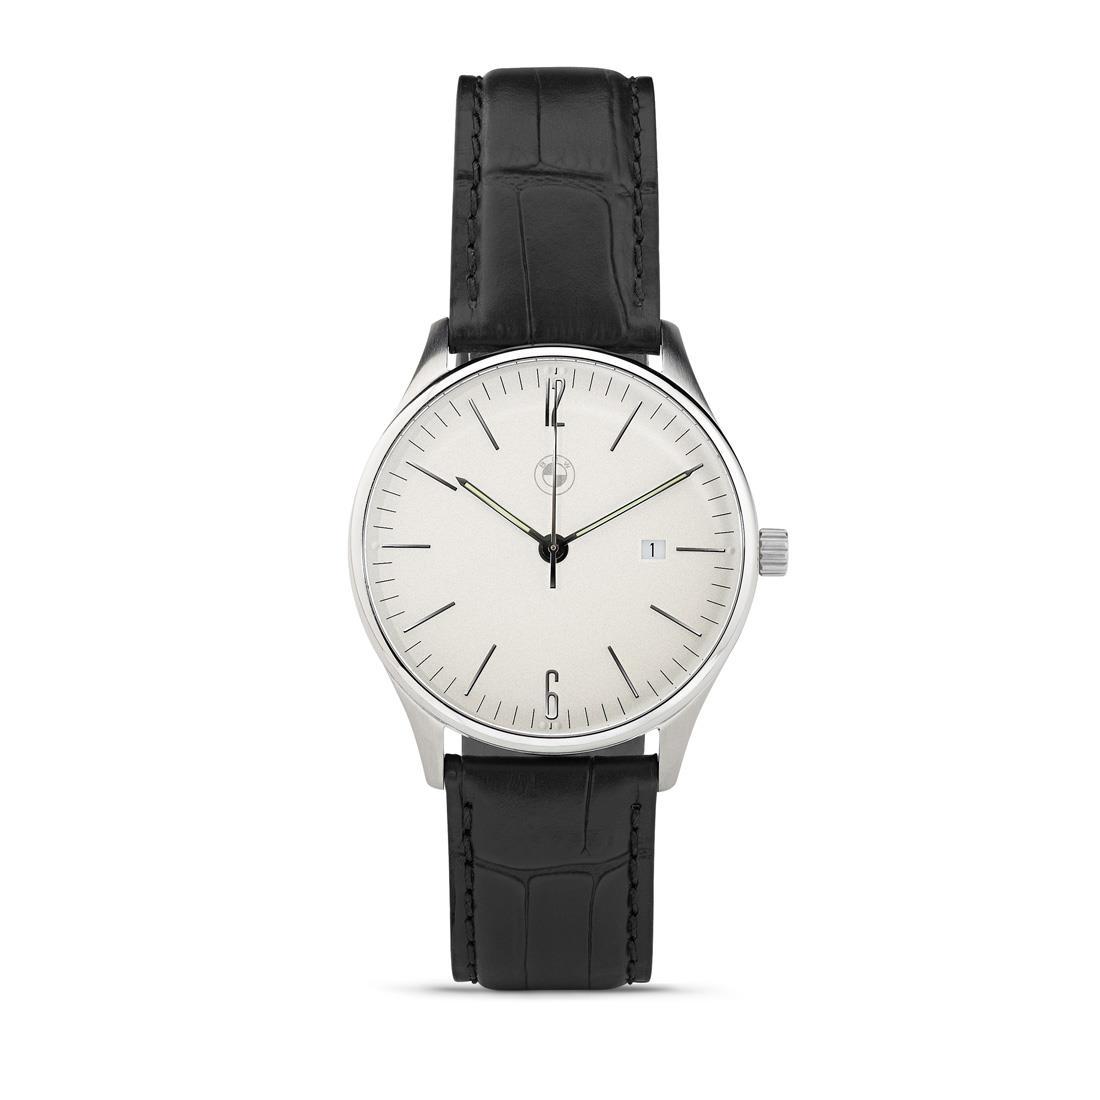 BMW Men's Luxury Watch